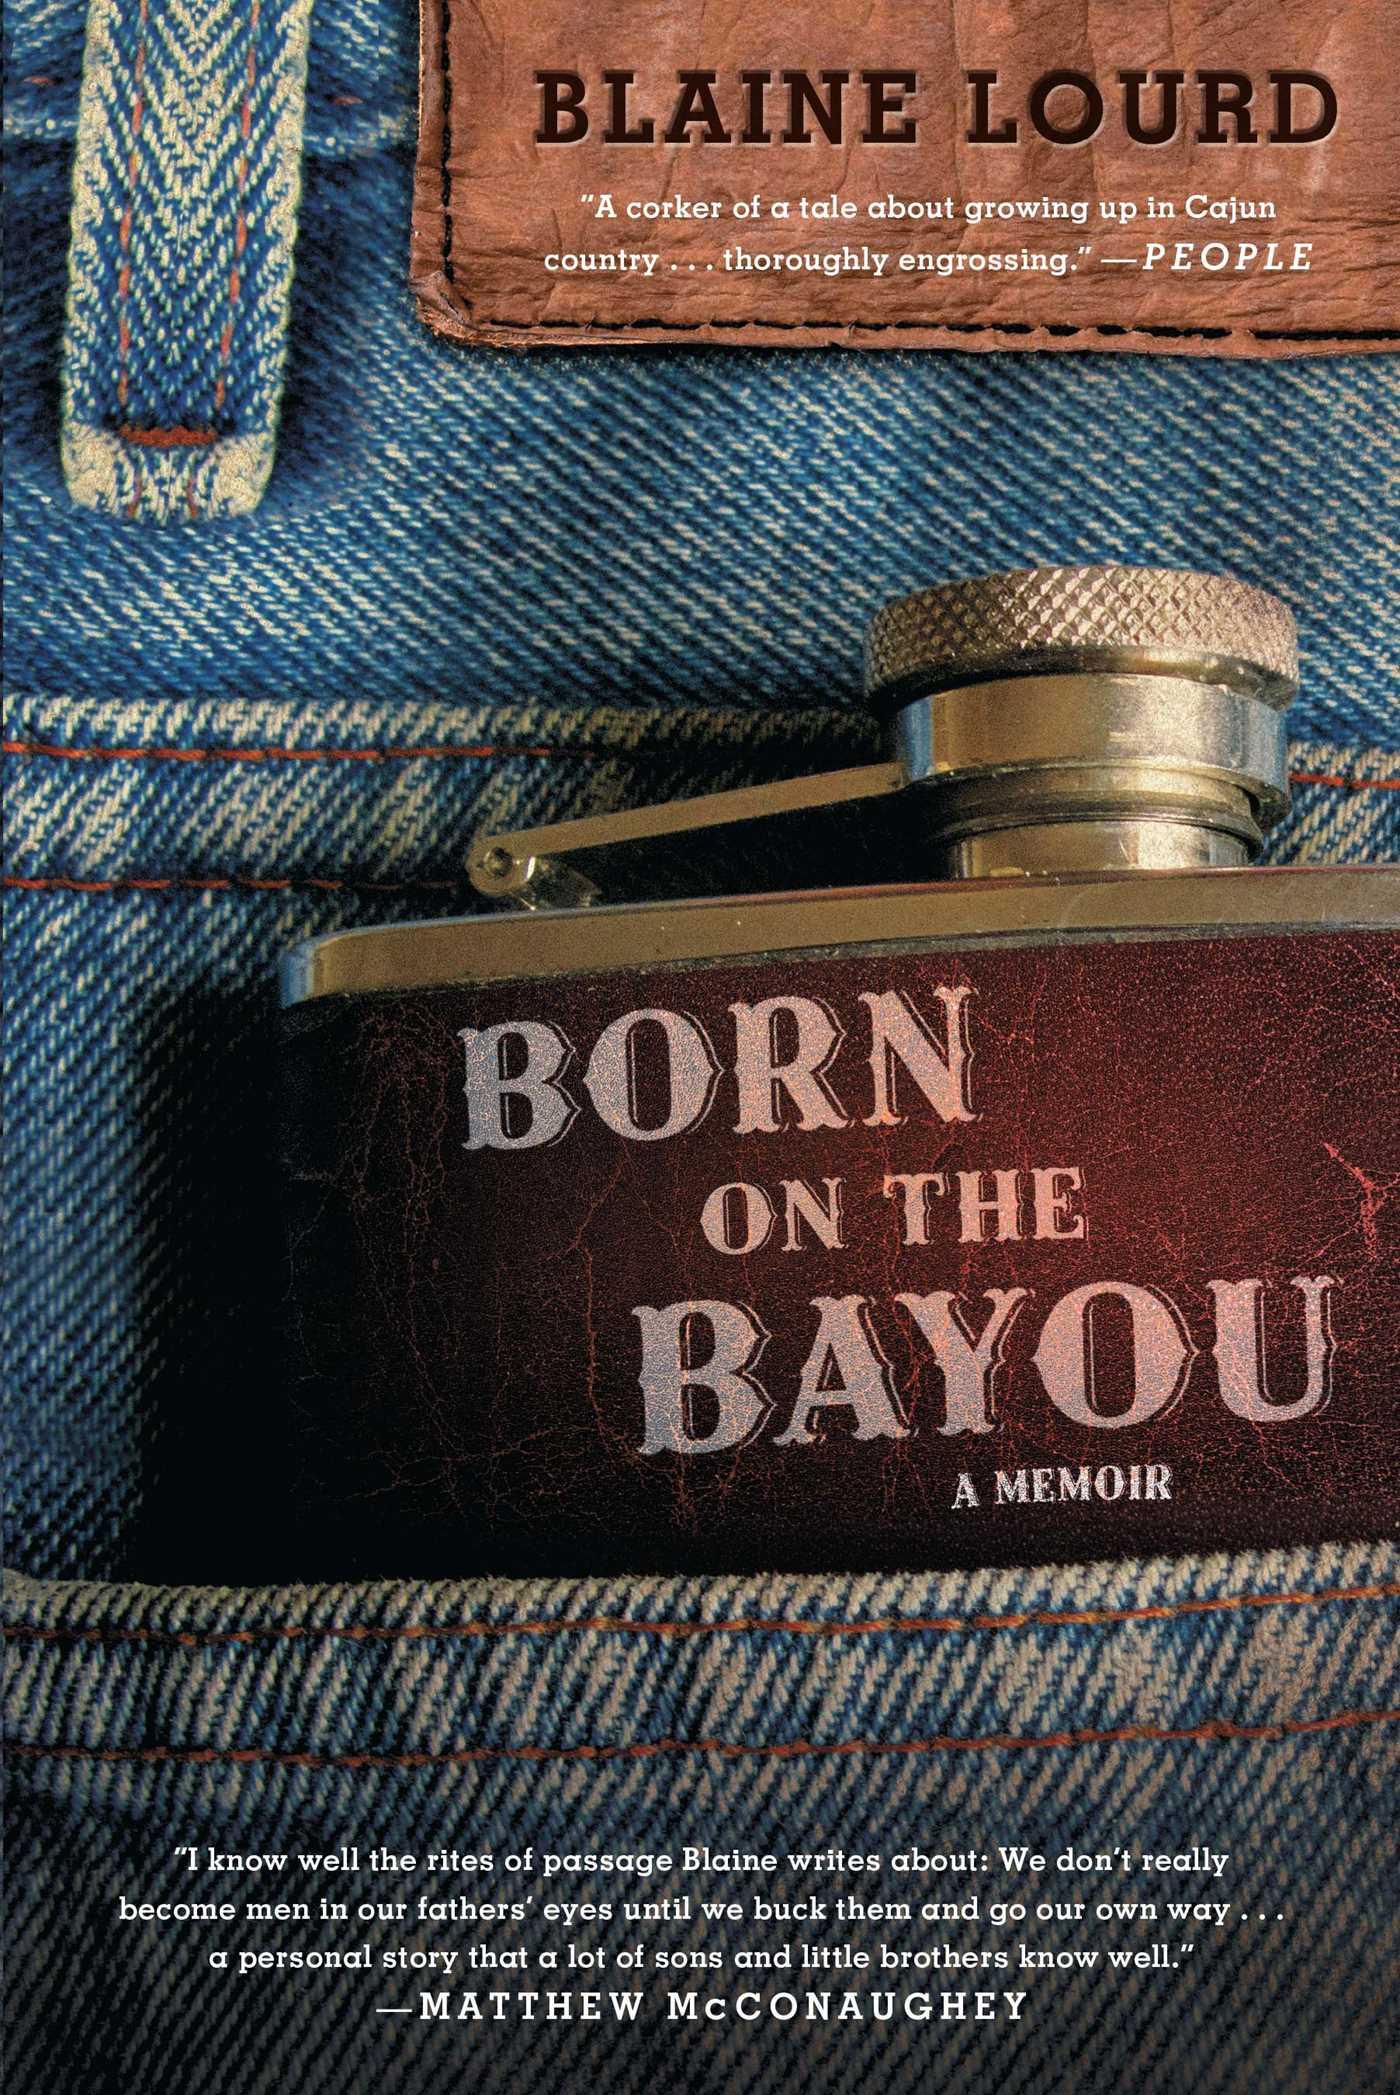 Born on the bayou 9781476773865 hr